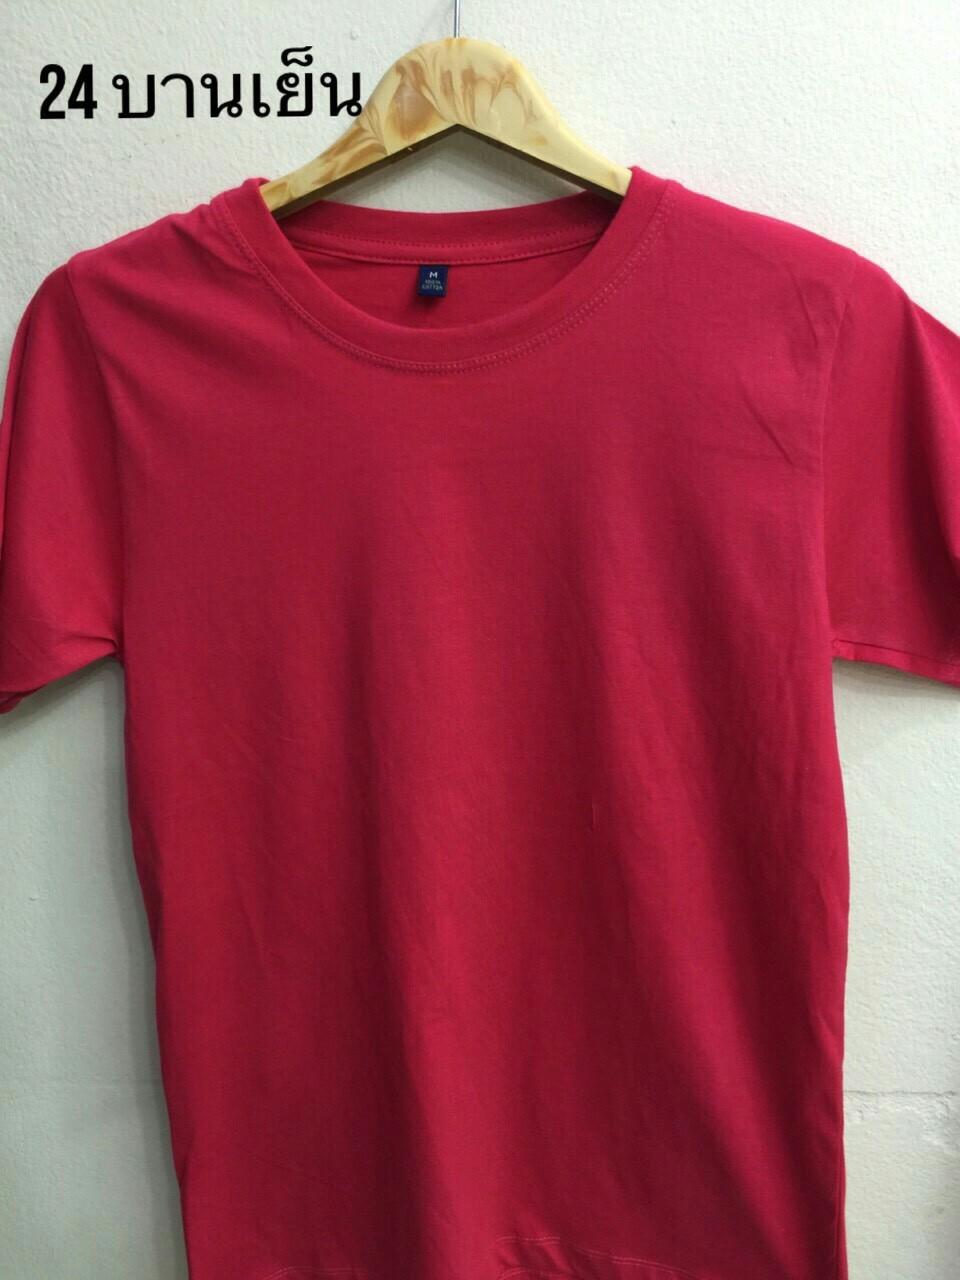 เสื้อ Cotton สีบานเย็น ไซส์ S,M,L